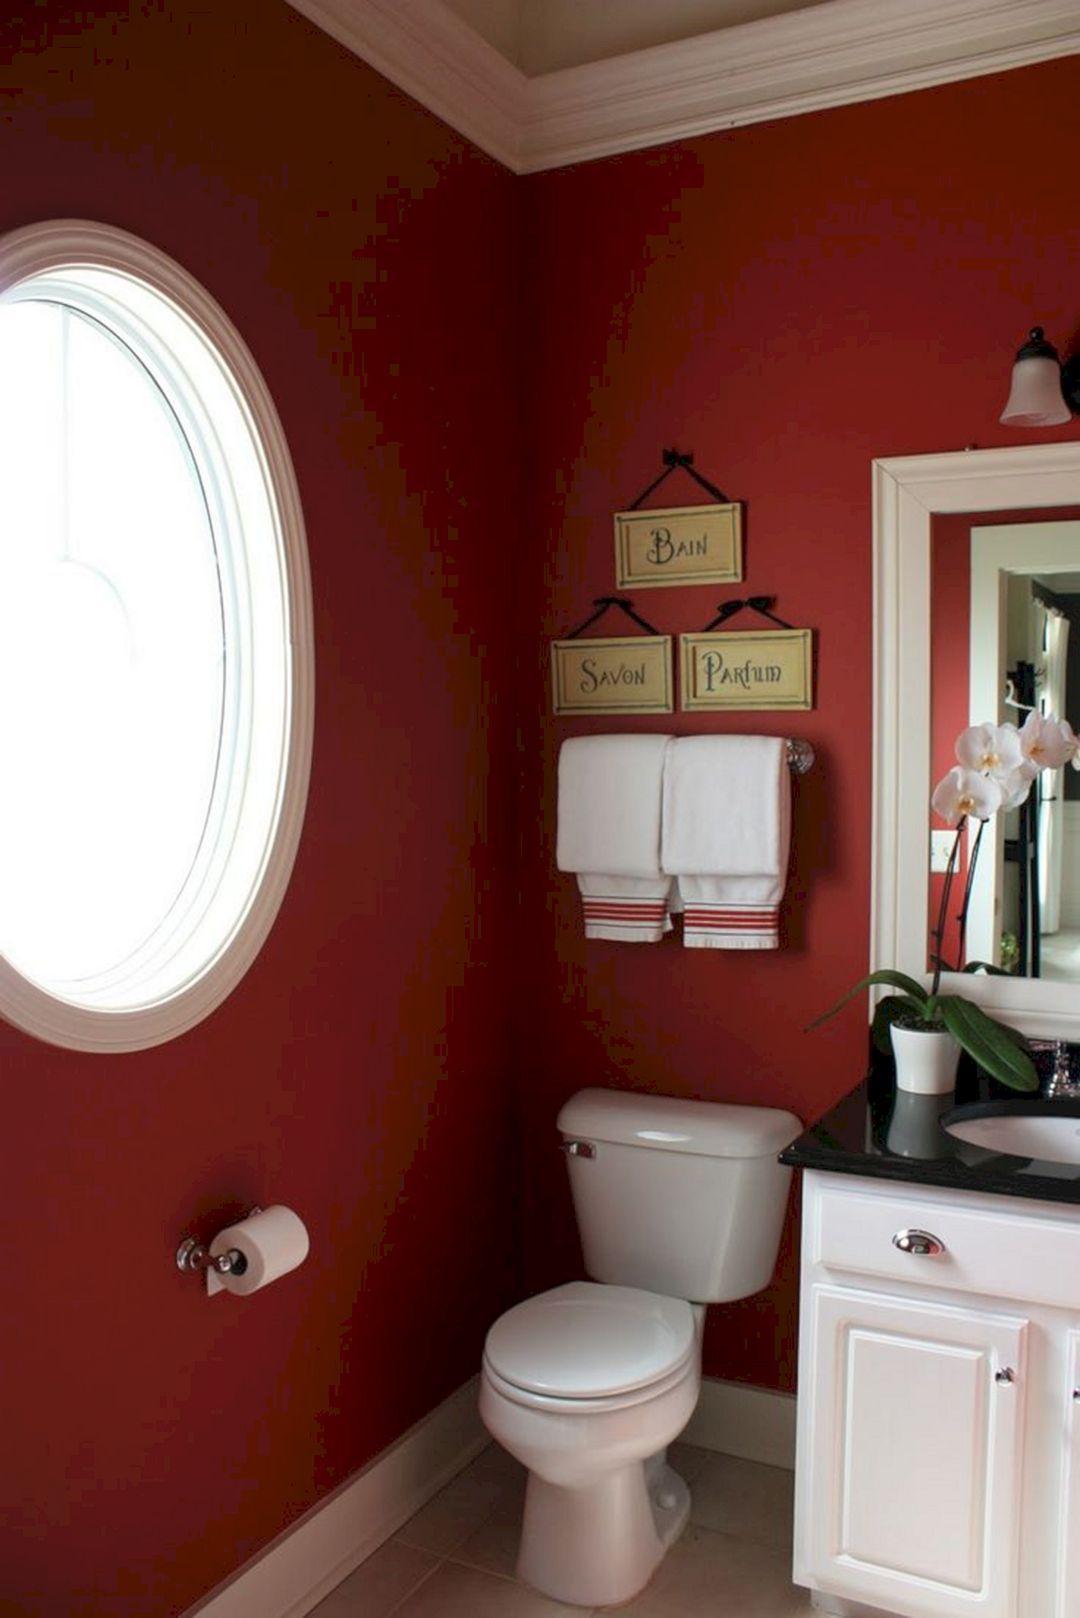 Nice 25 Most Popular Bathroom Color Design Ideas You Need To Copy Https Decoretoo Com 25 Most Popu Red Bathroom Decor Bathroom Inspiration Decor Bathroom Red Red bathroom design ideas